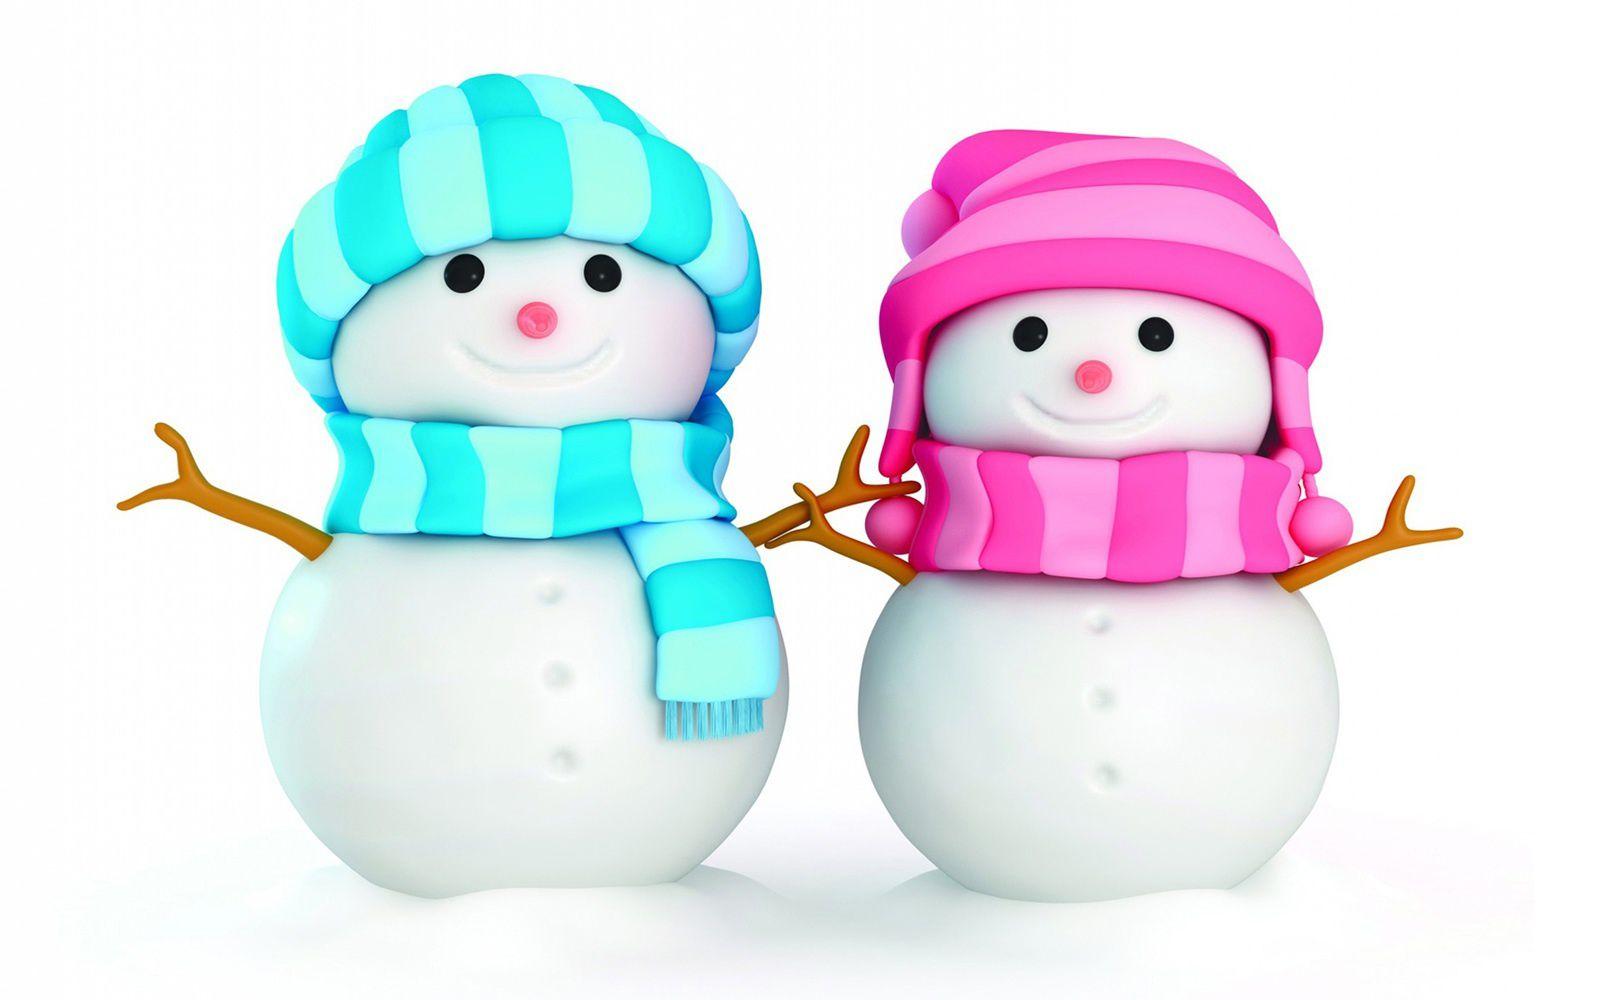 Bonhomme de neige - Couple - Neige - Wallpaper - Free